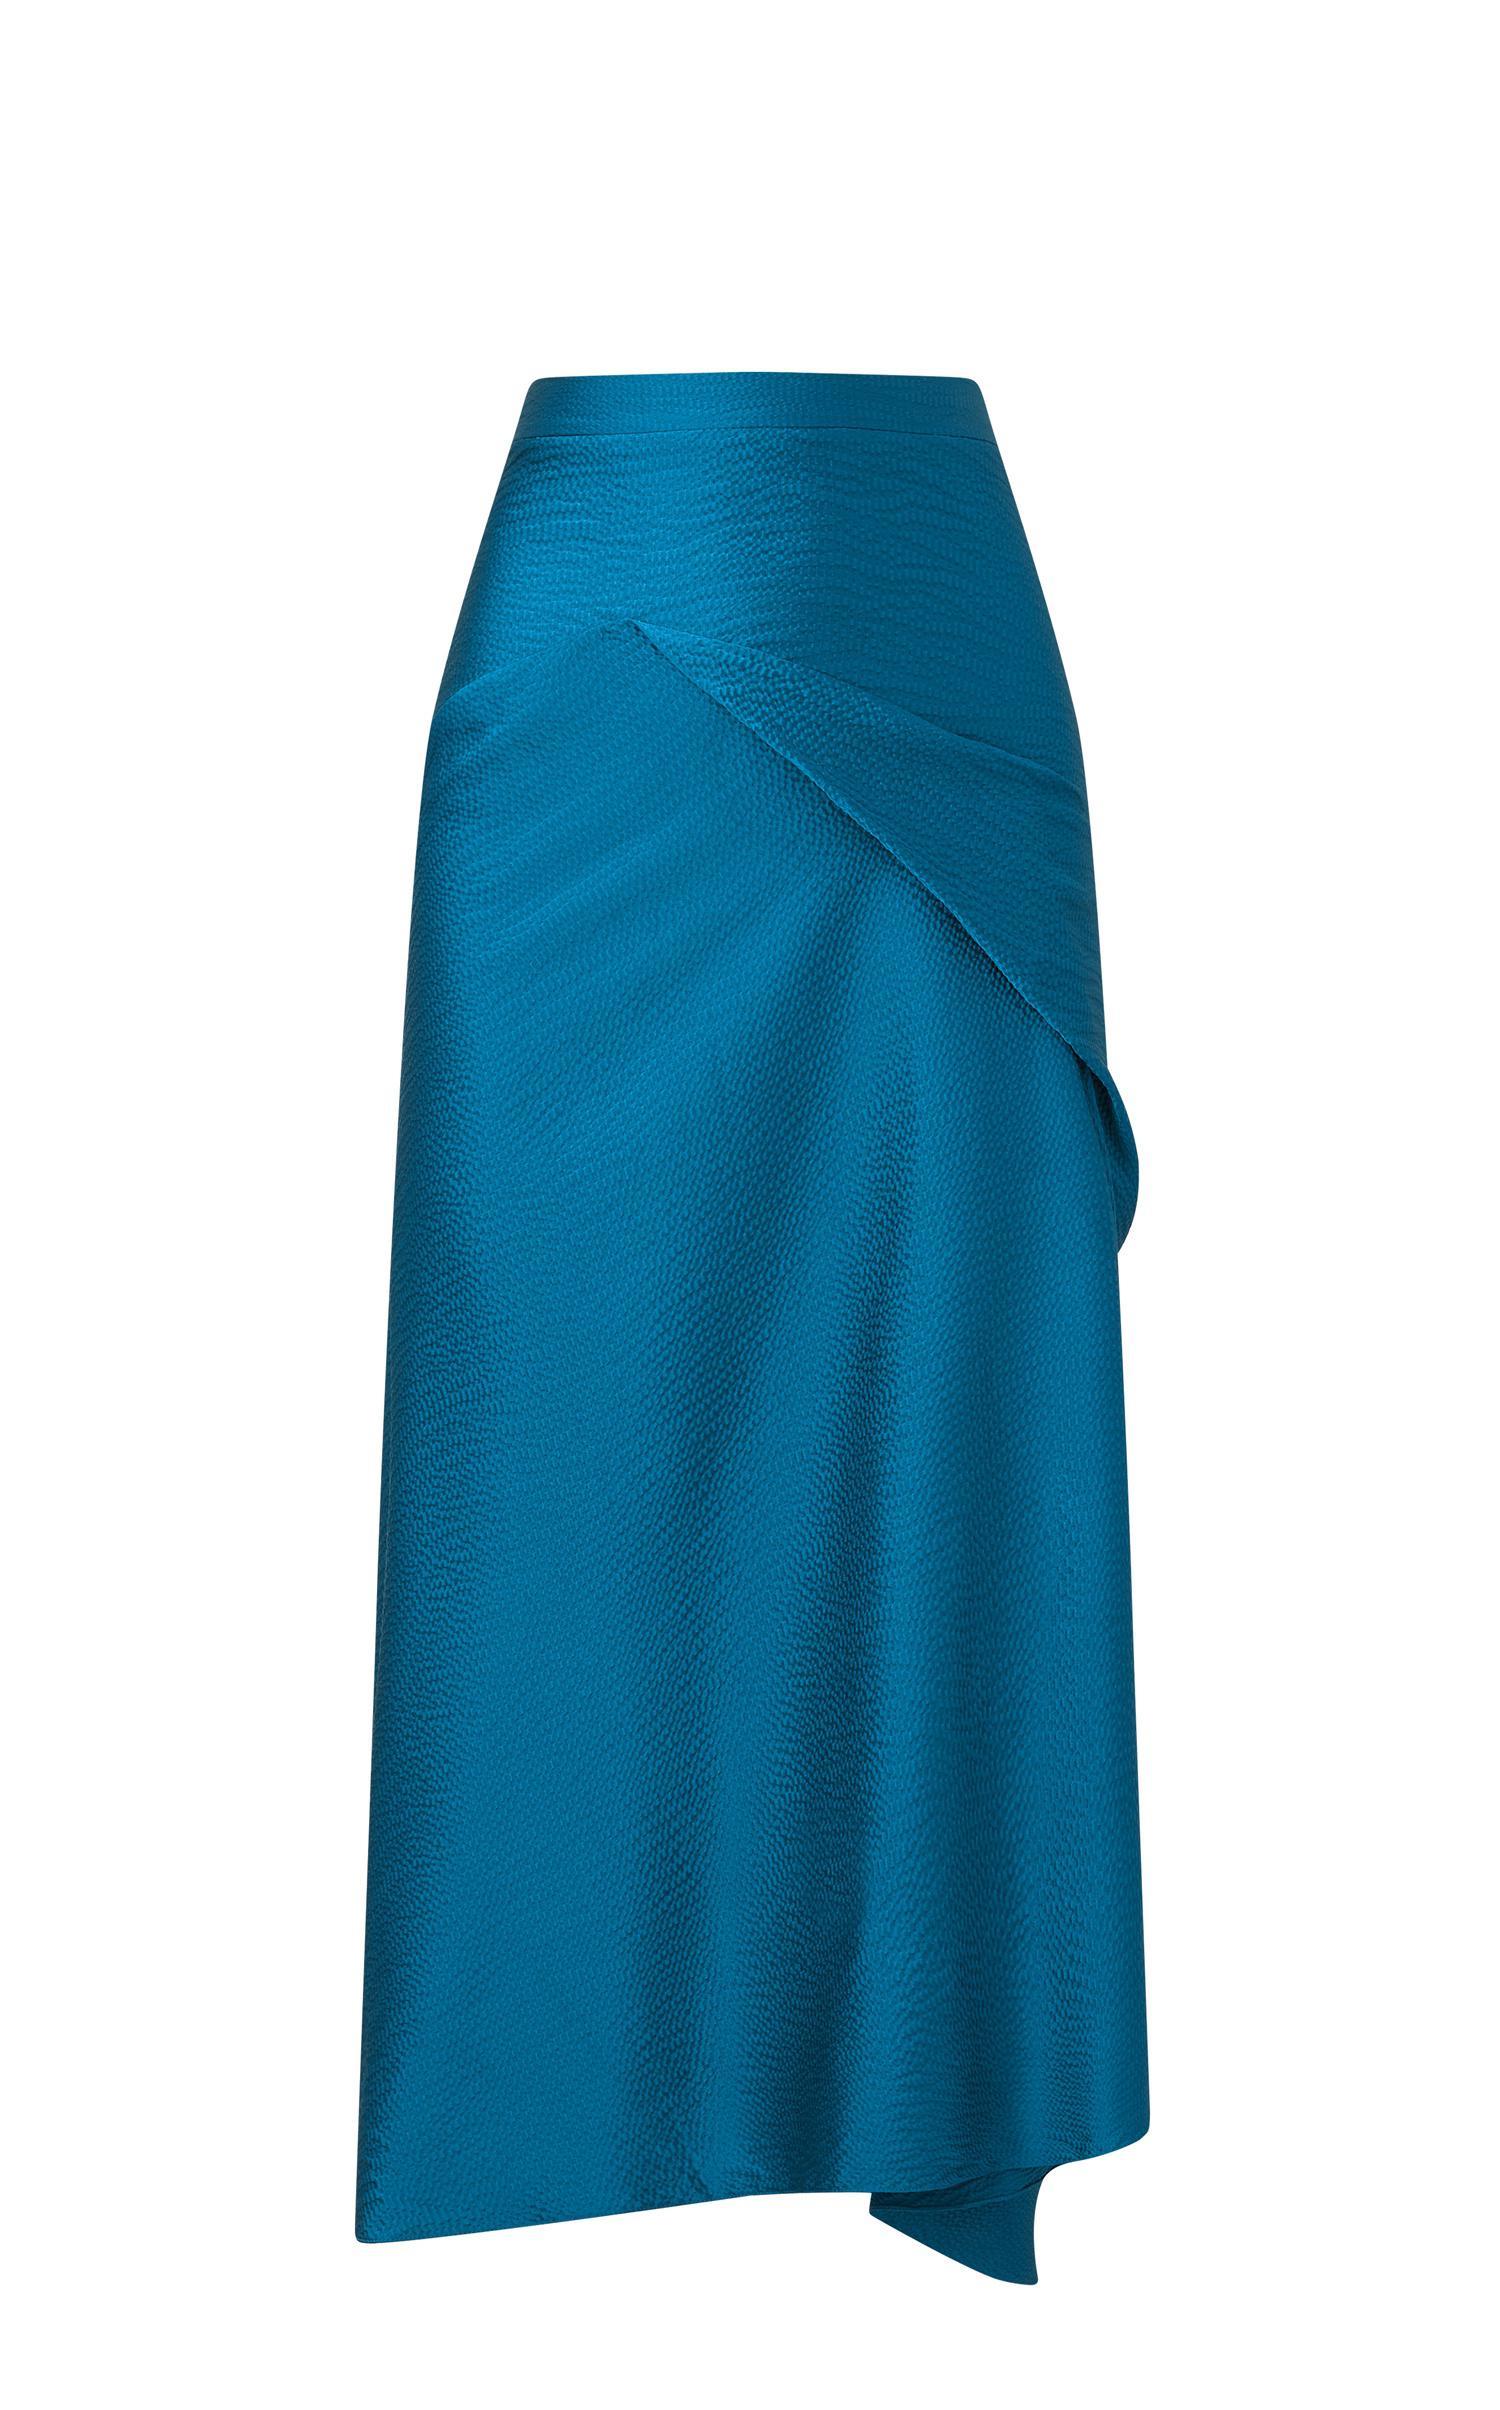 Roland mouret Lathbury Skirt in Blue